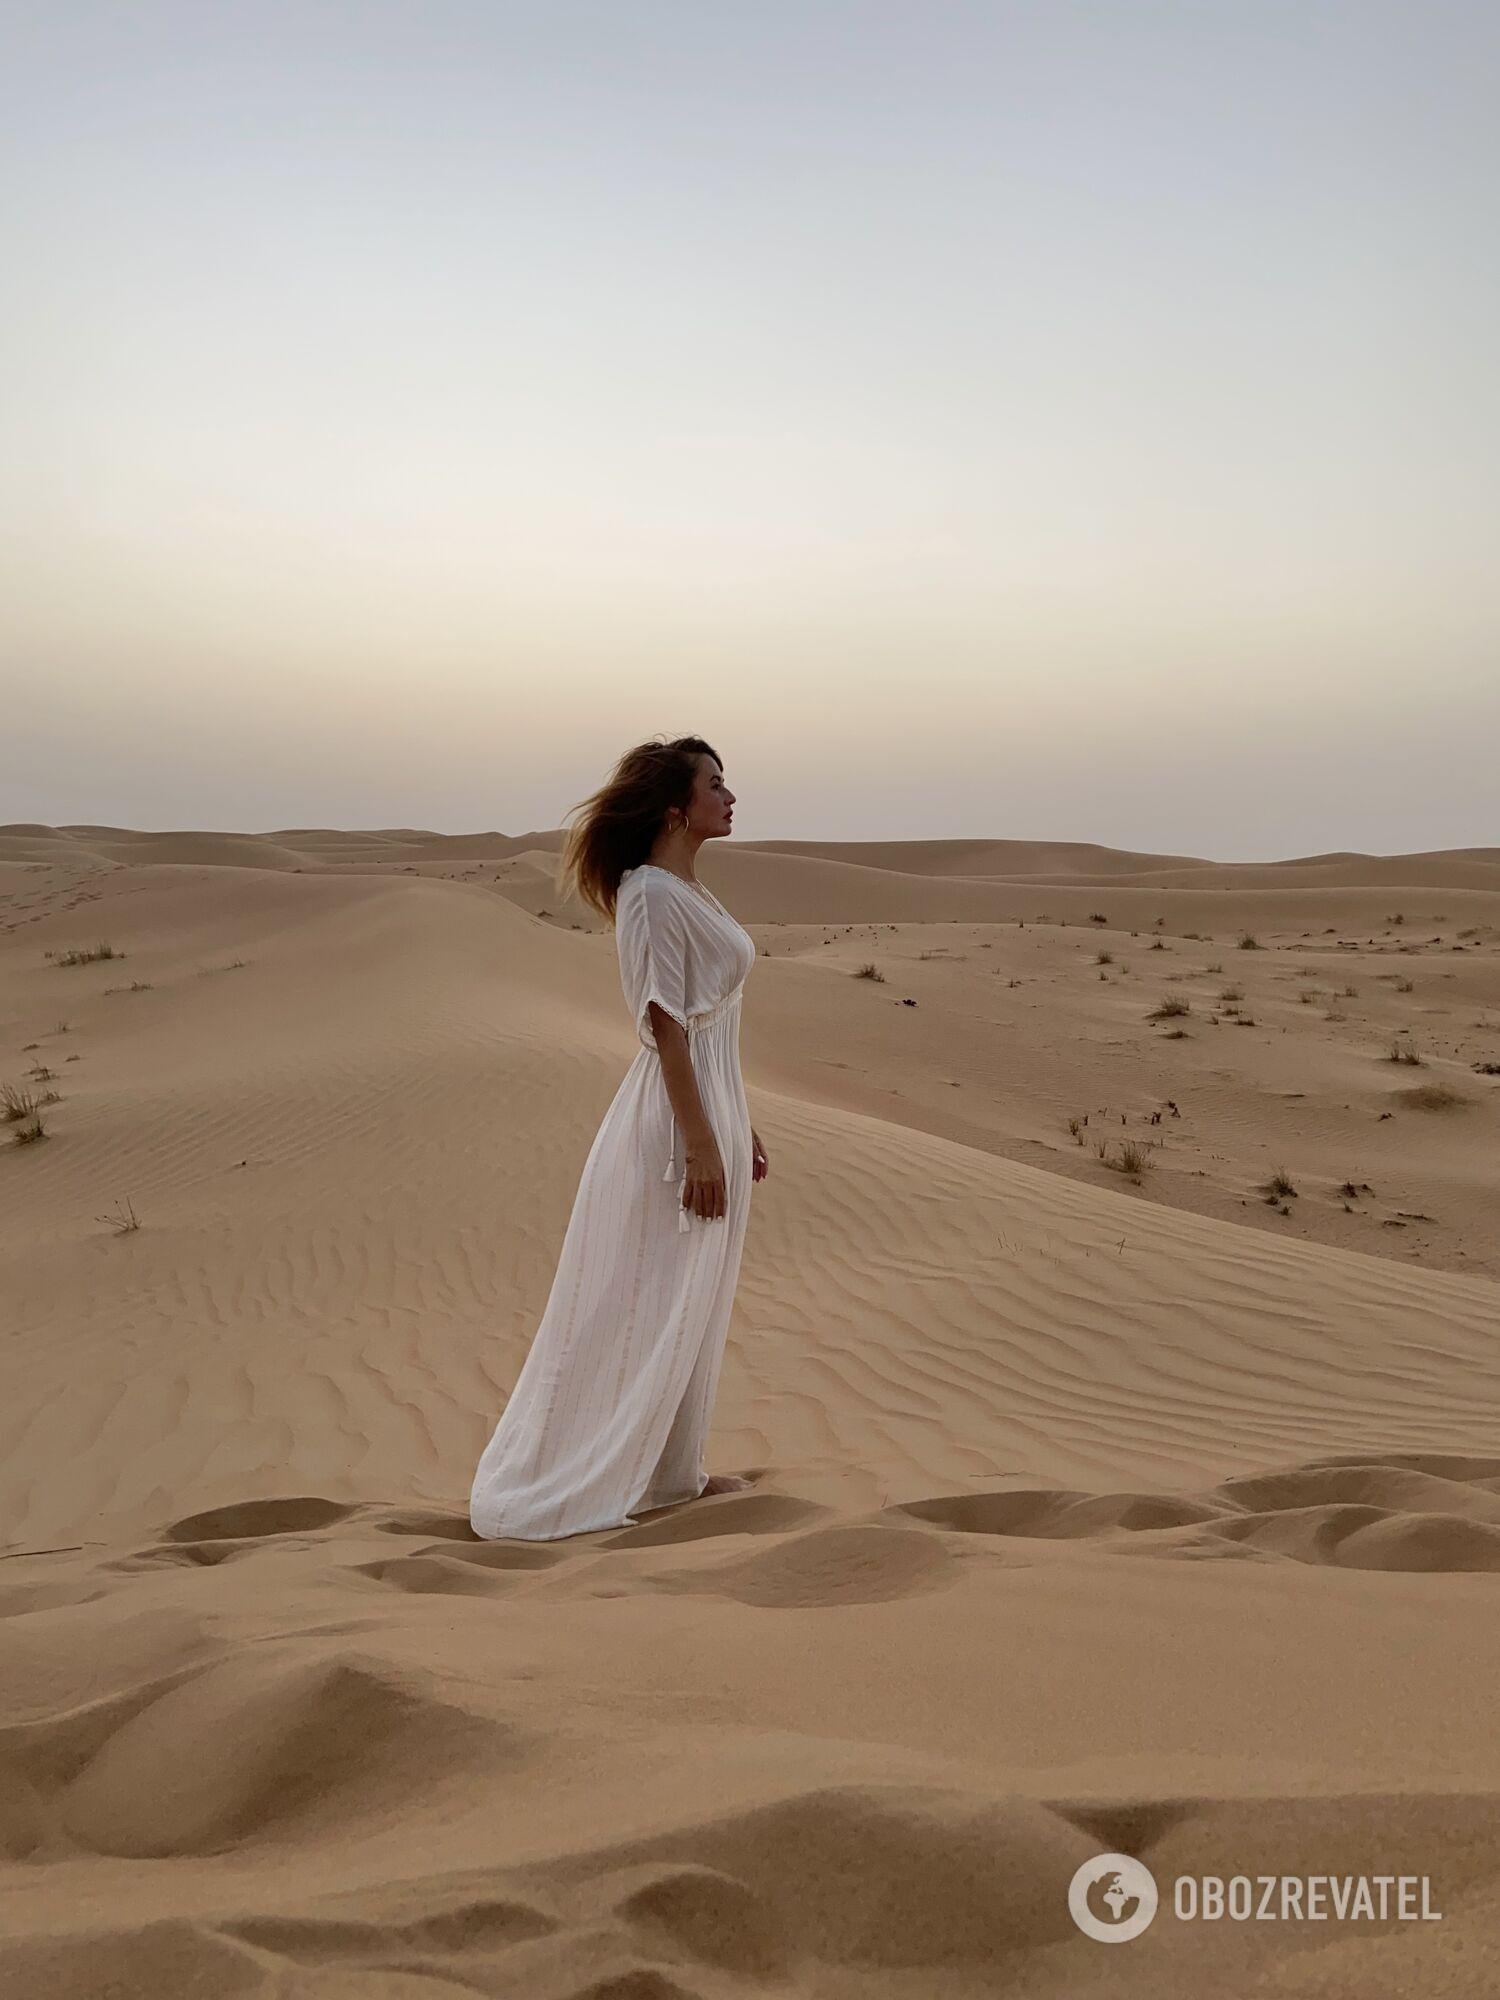 Фотосессия во время джип-сафари в пустыне Dubai Desert Conservation Reserve.